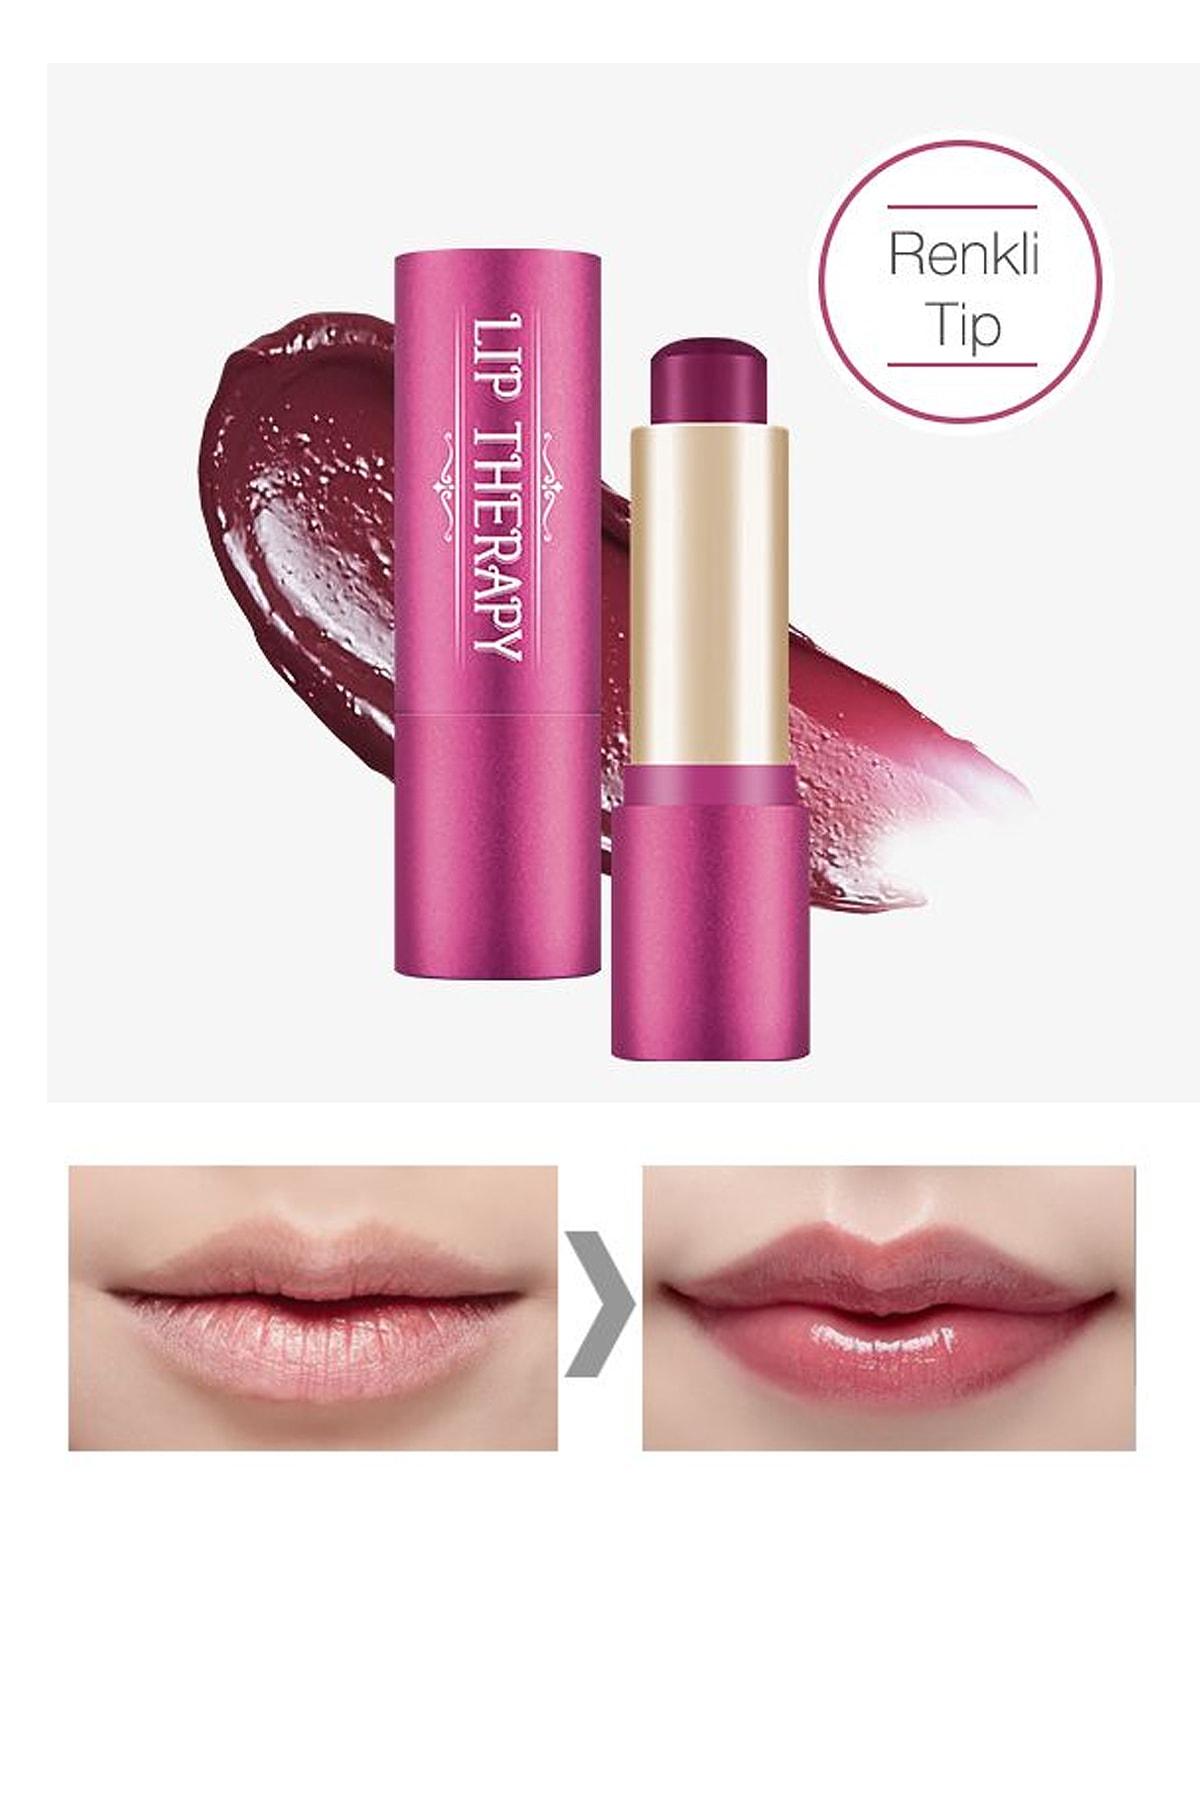 Missha Nemlendirici Bakım Sağlayan Dudak Balmı APIEU Lip Therapy (Dear Plum)